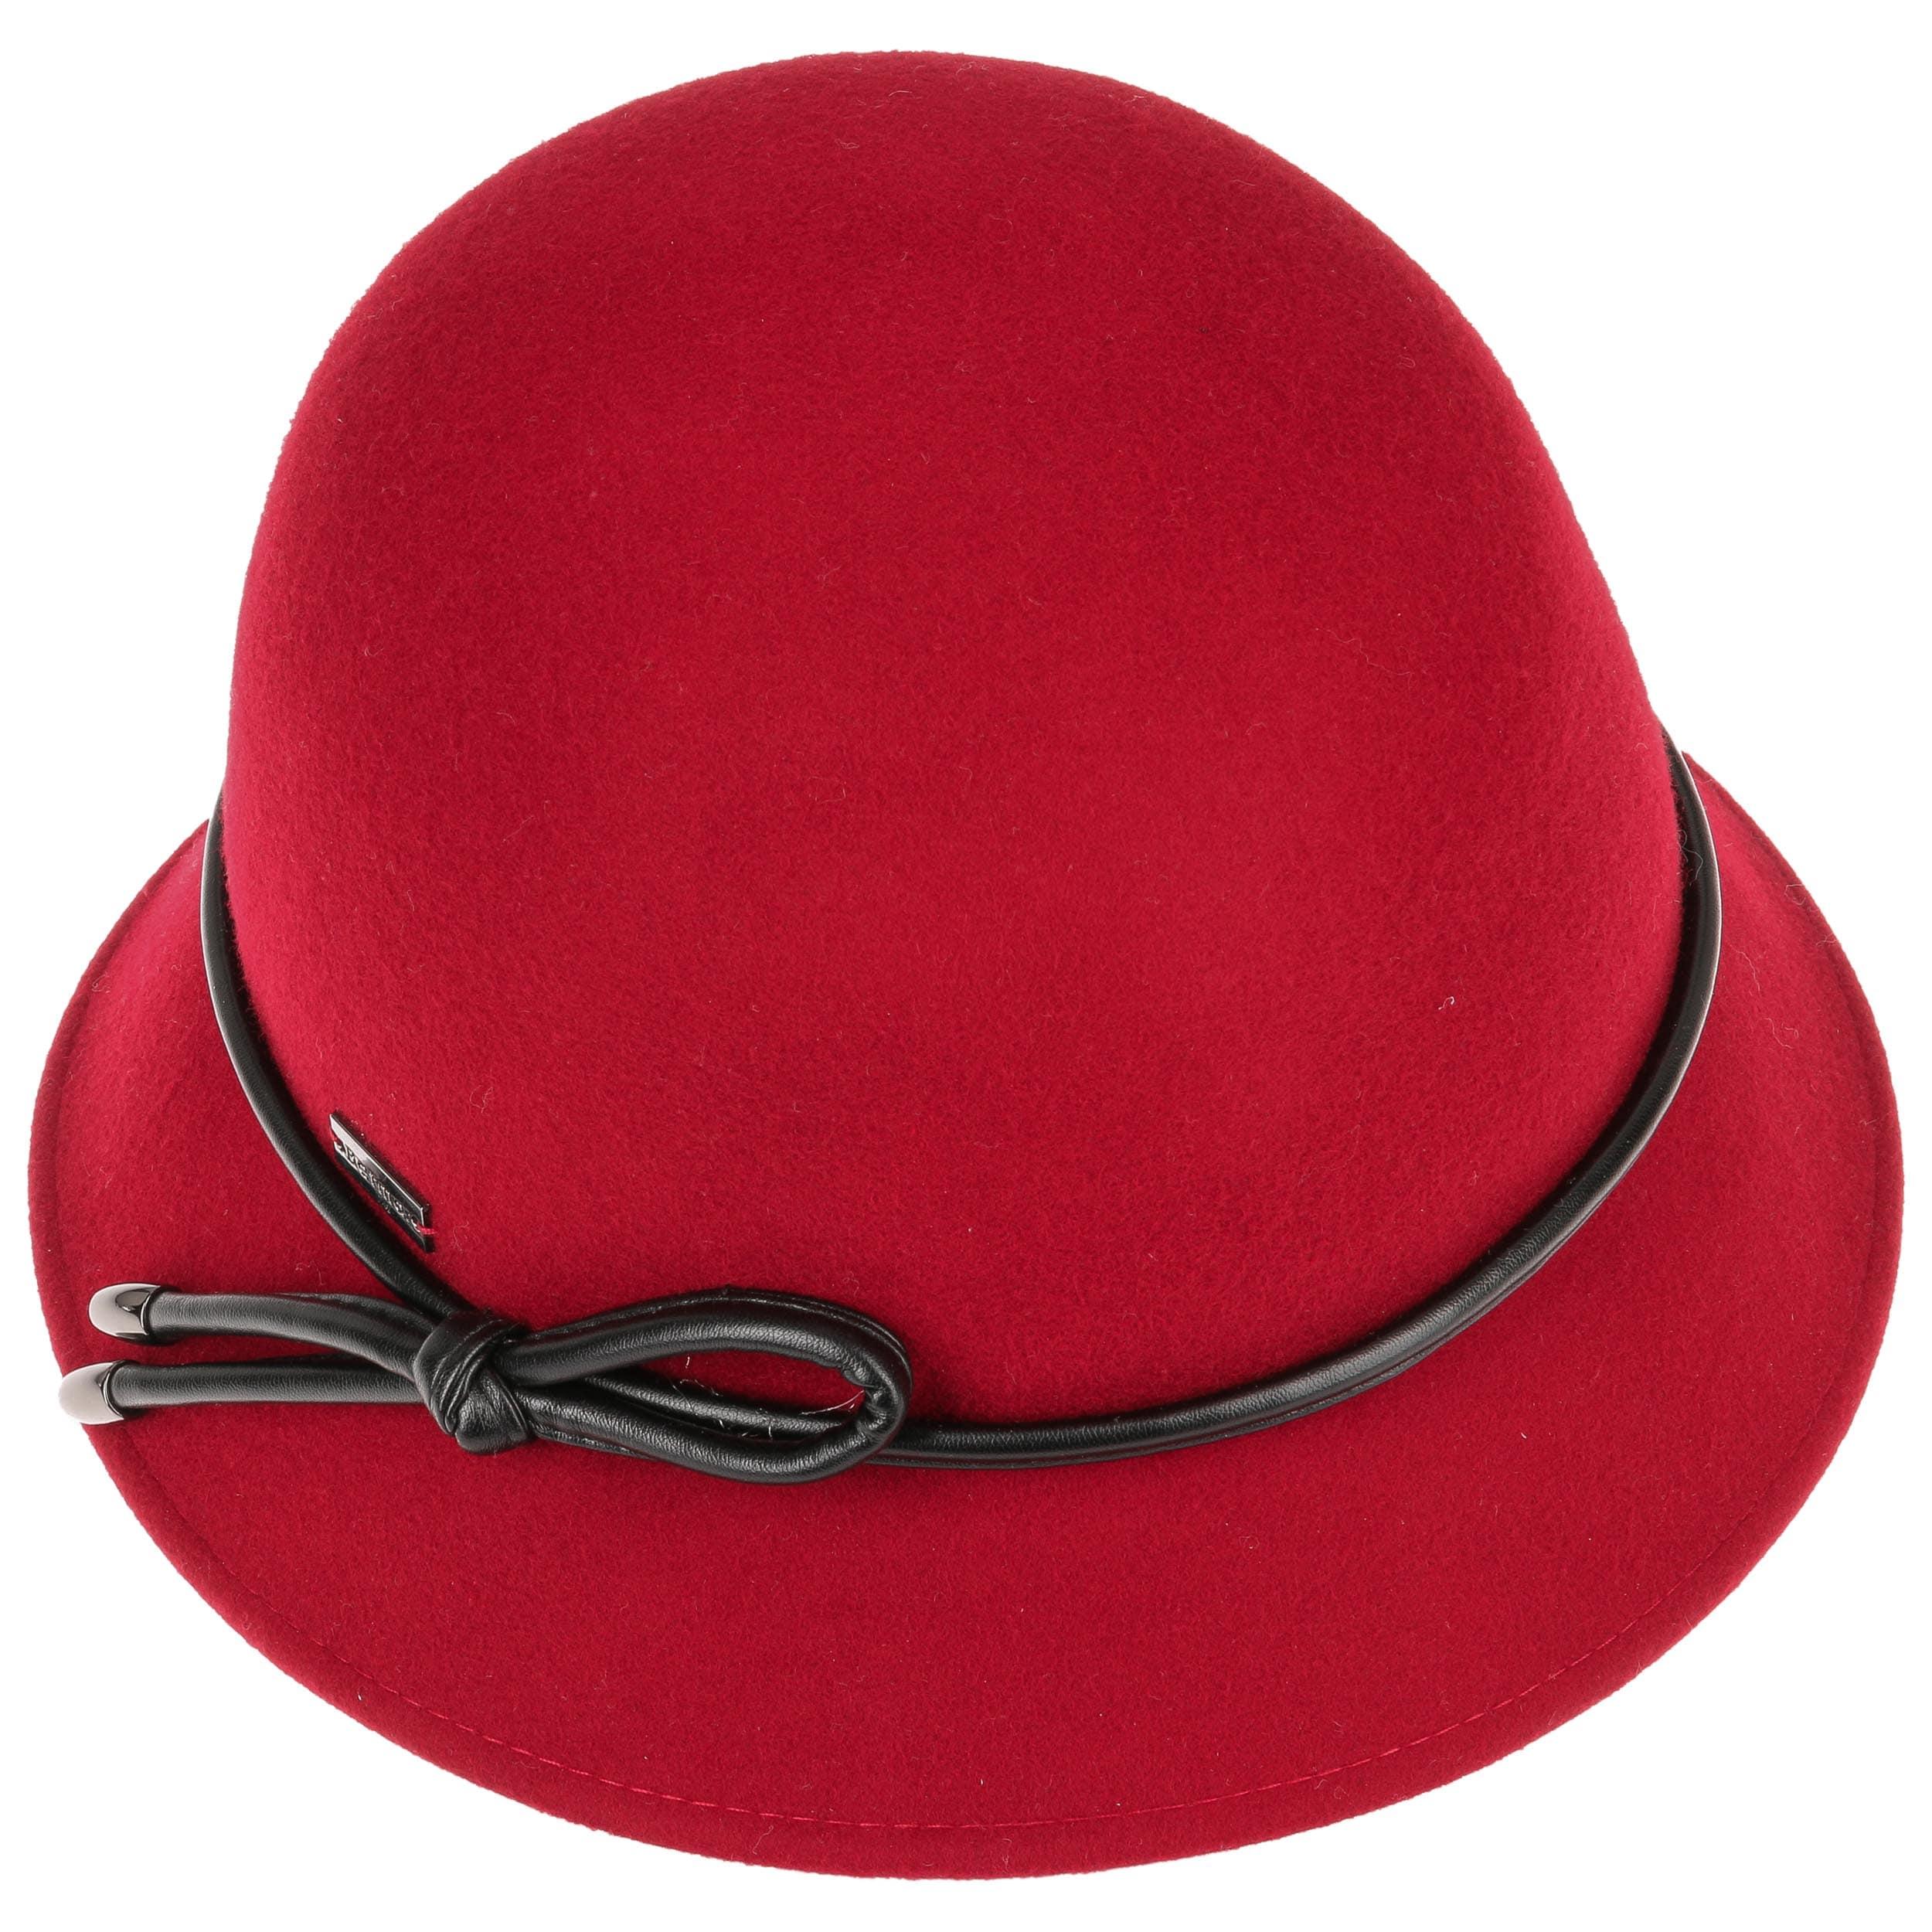 ... Christina Wool Felt Cloche Hat by Betmar - red 1 ... 63193b6867d